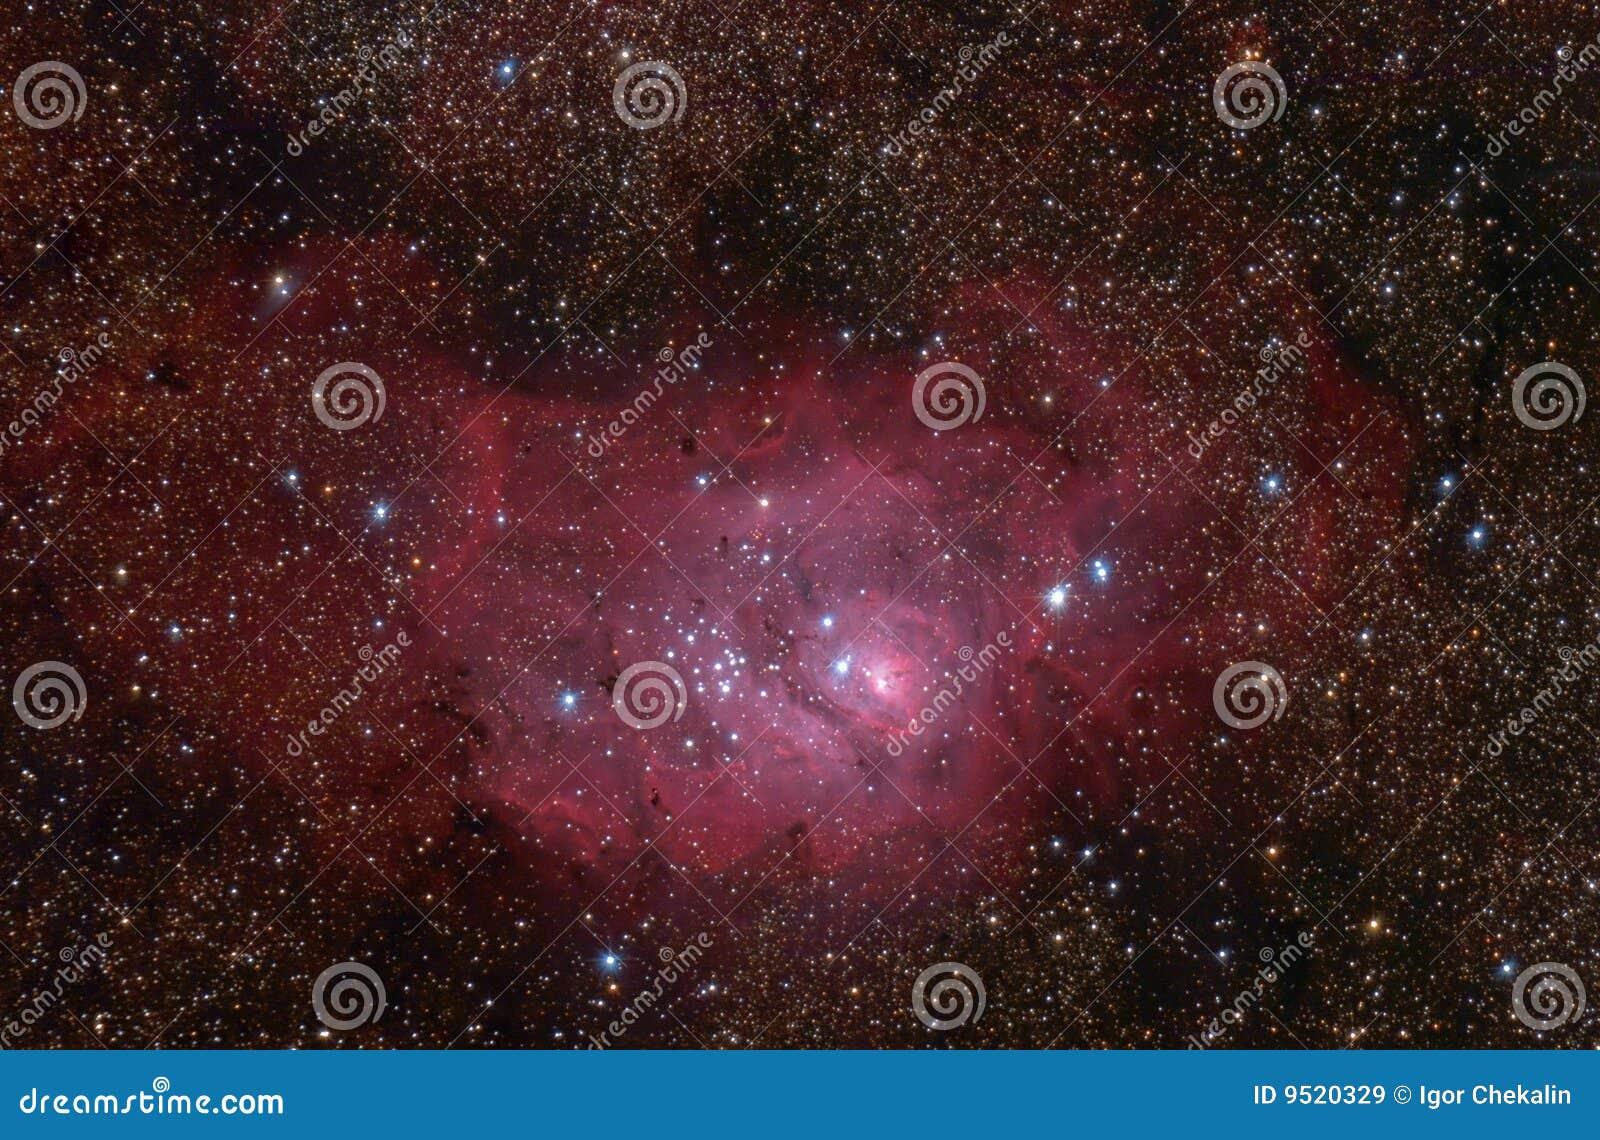 Nebelfleck der Lagune (M8) in der Schützekonstellation.